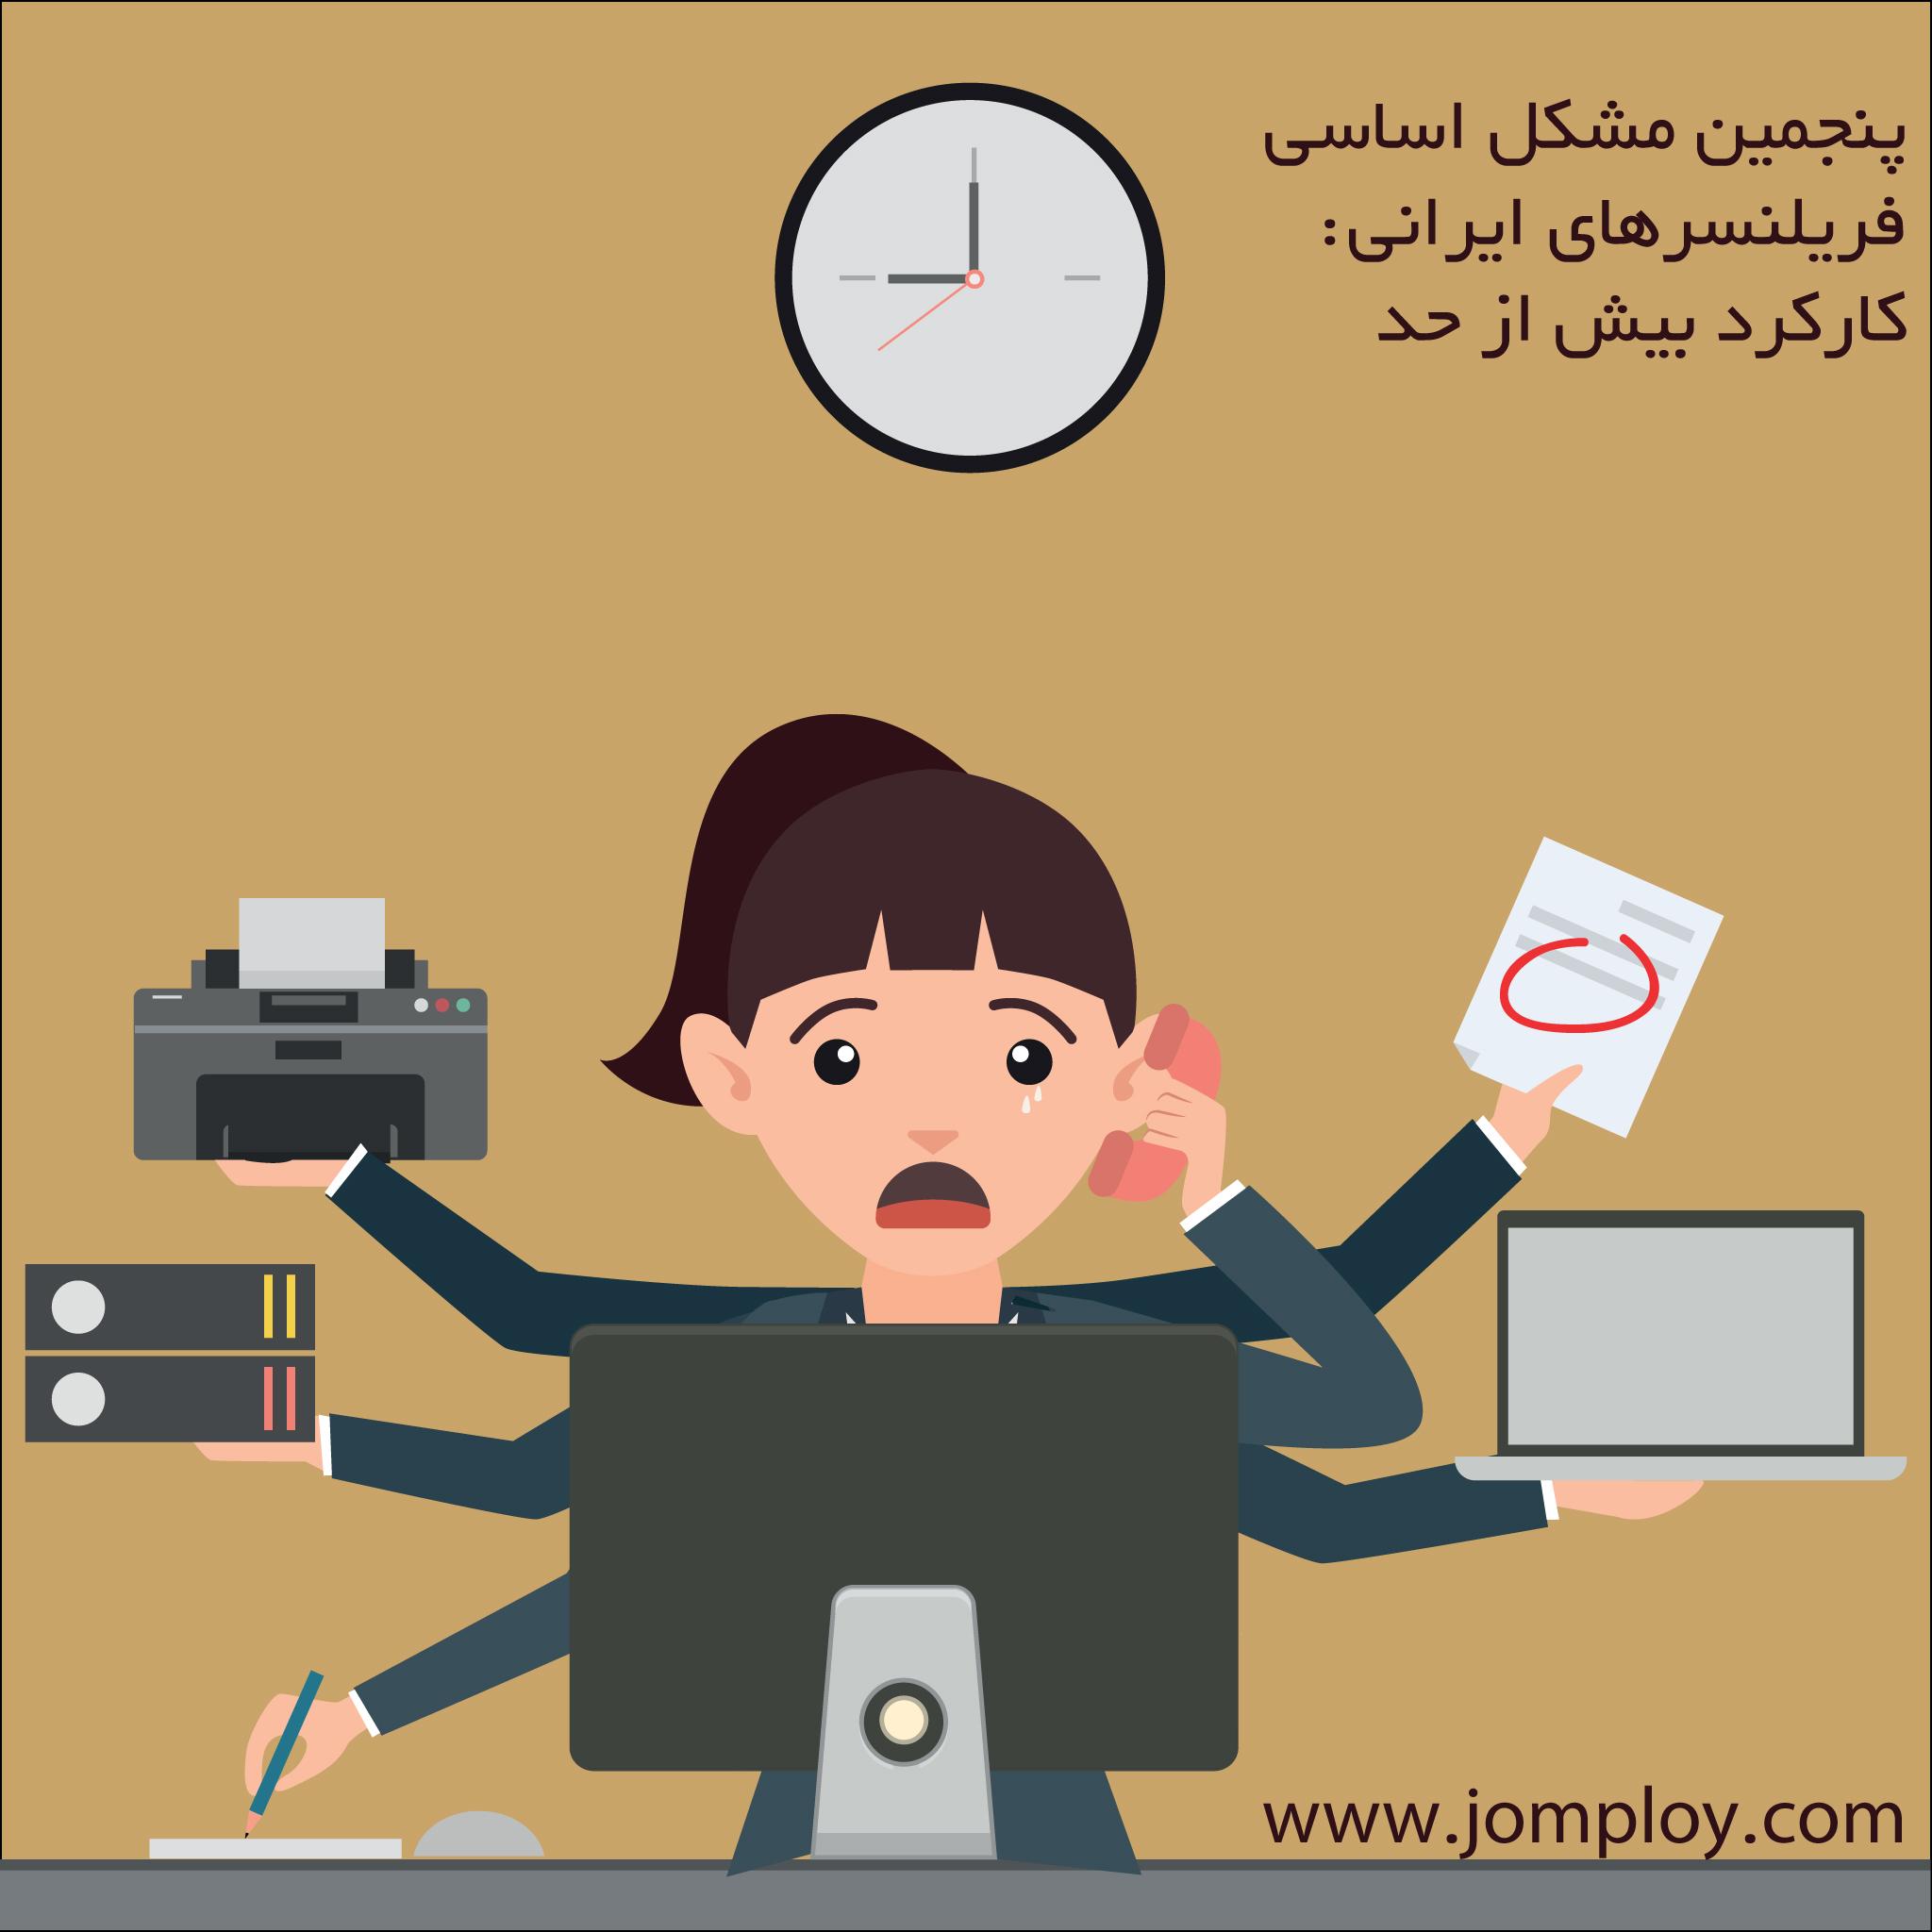 10 مشکل اساسی فریلنسرهای ایرانی-مشکل پنجم:کارکردن بیش از حد